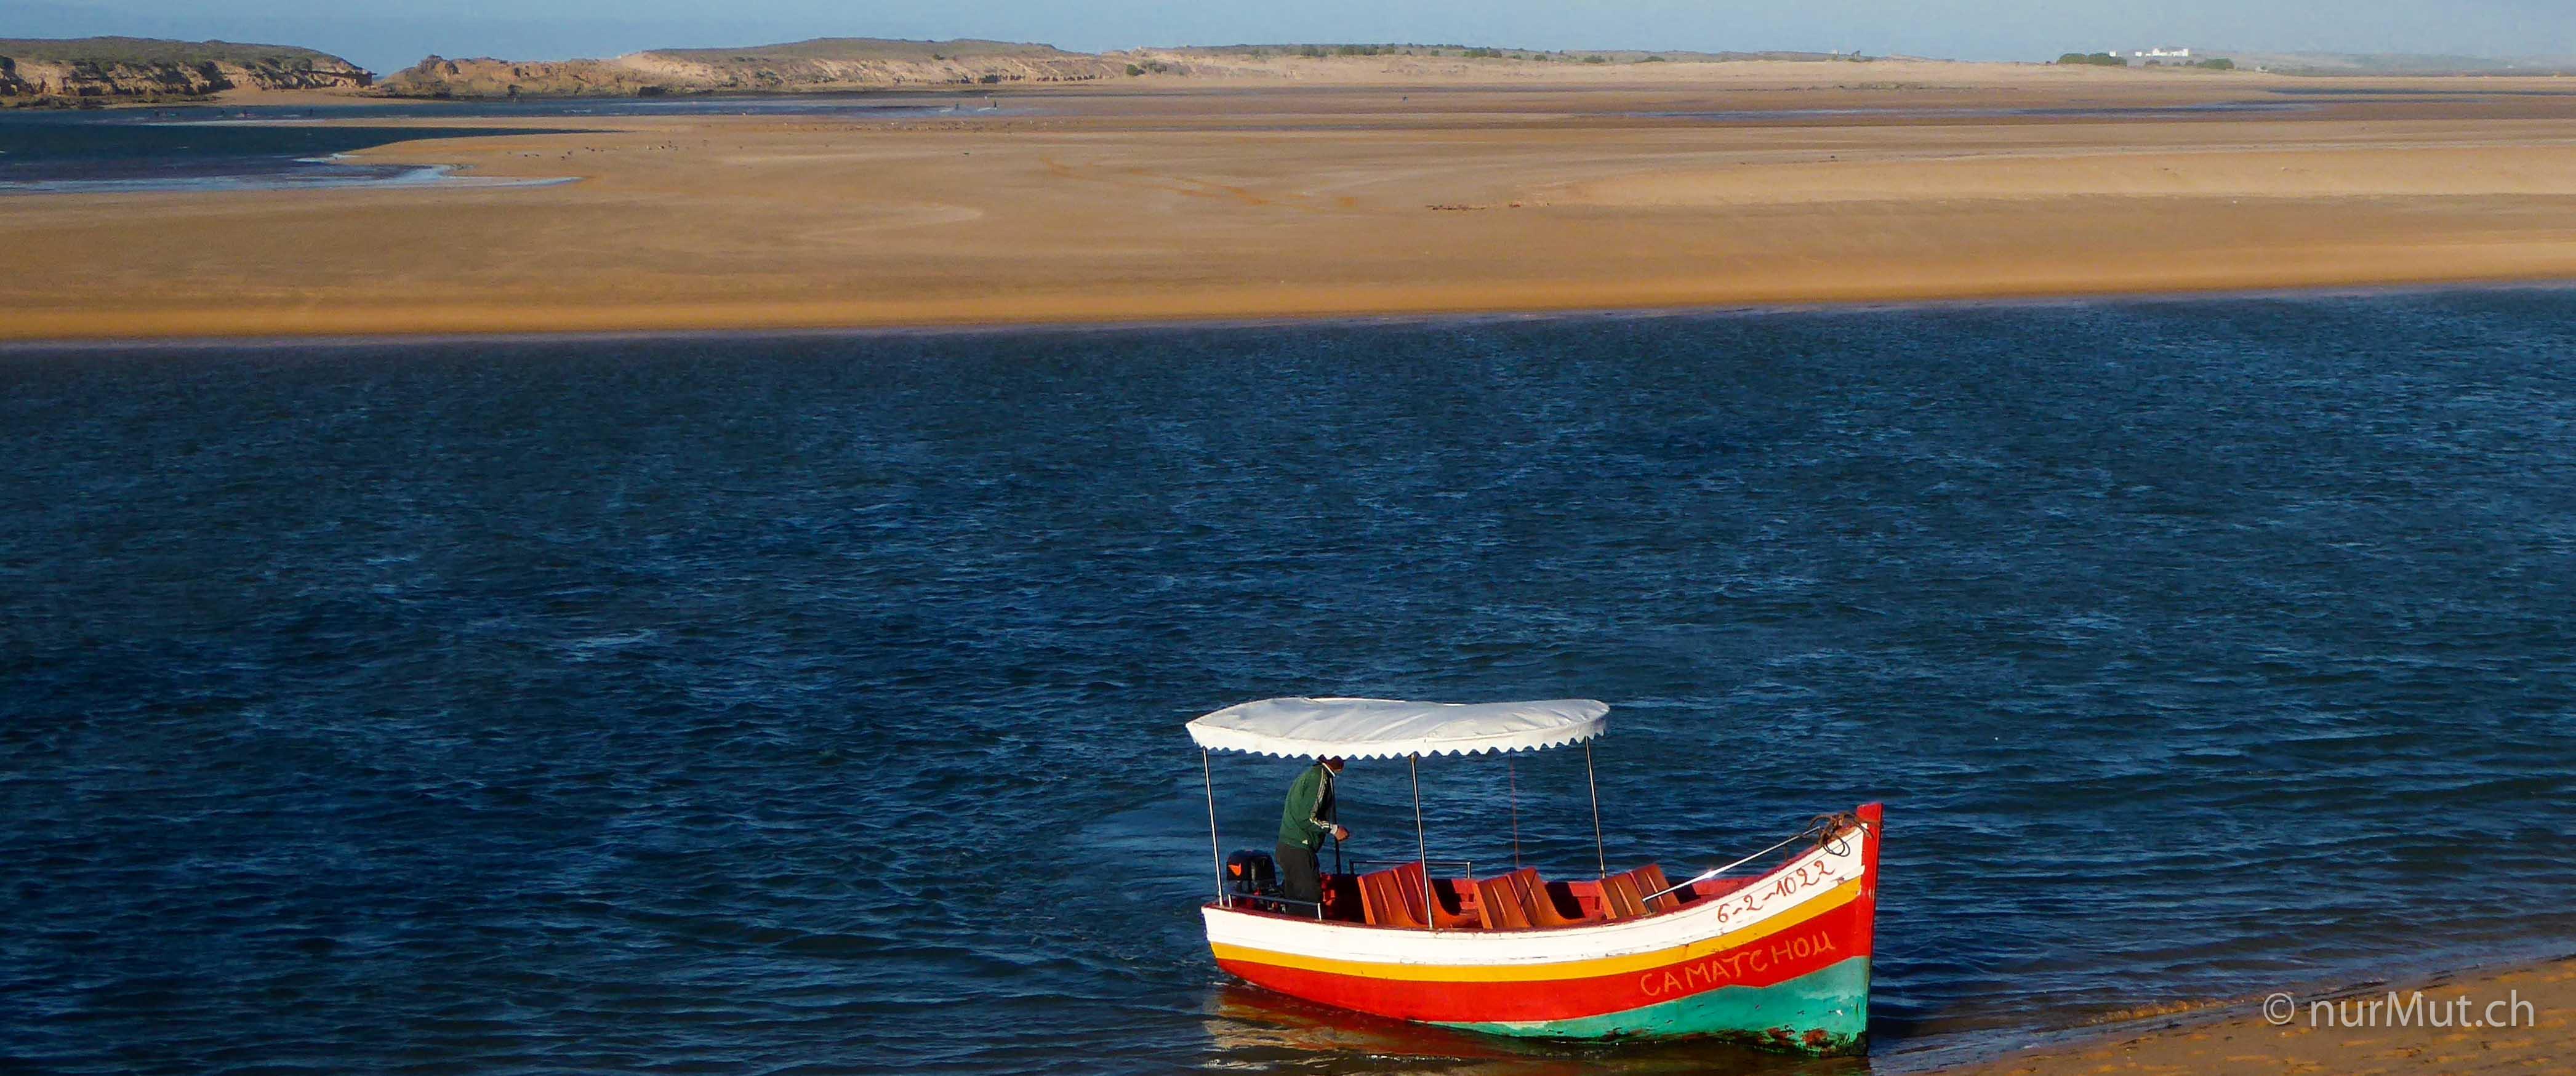 mit hund und reisemobil nach marokko-lagune marokko-lagune oualidia-boot-atlantik-oualidia